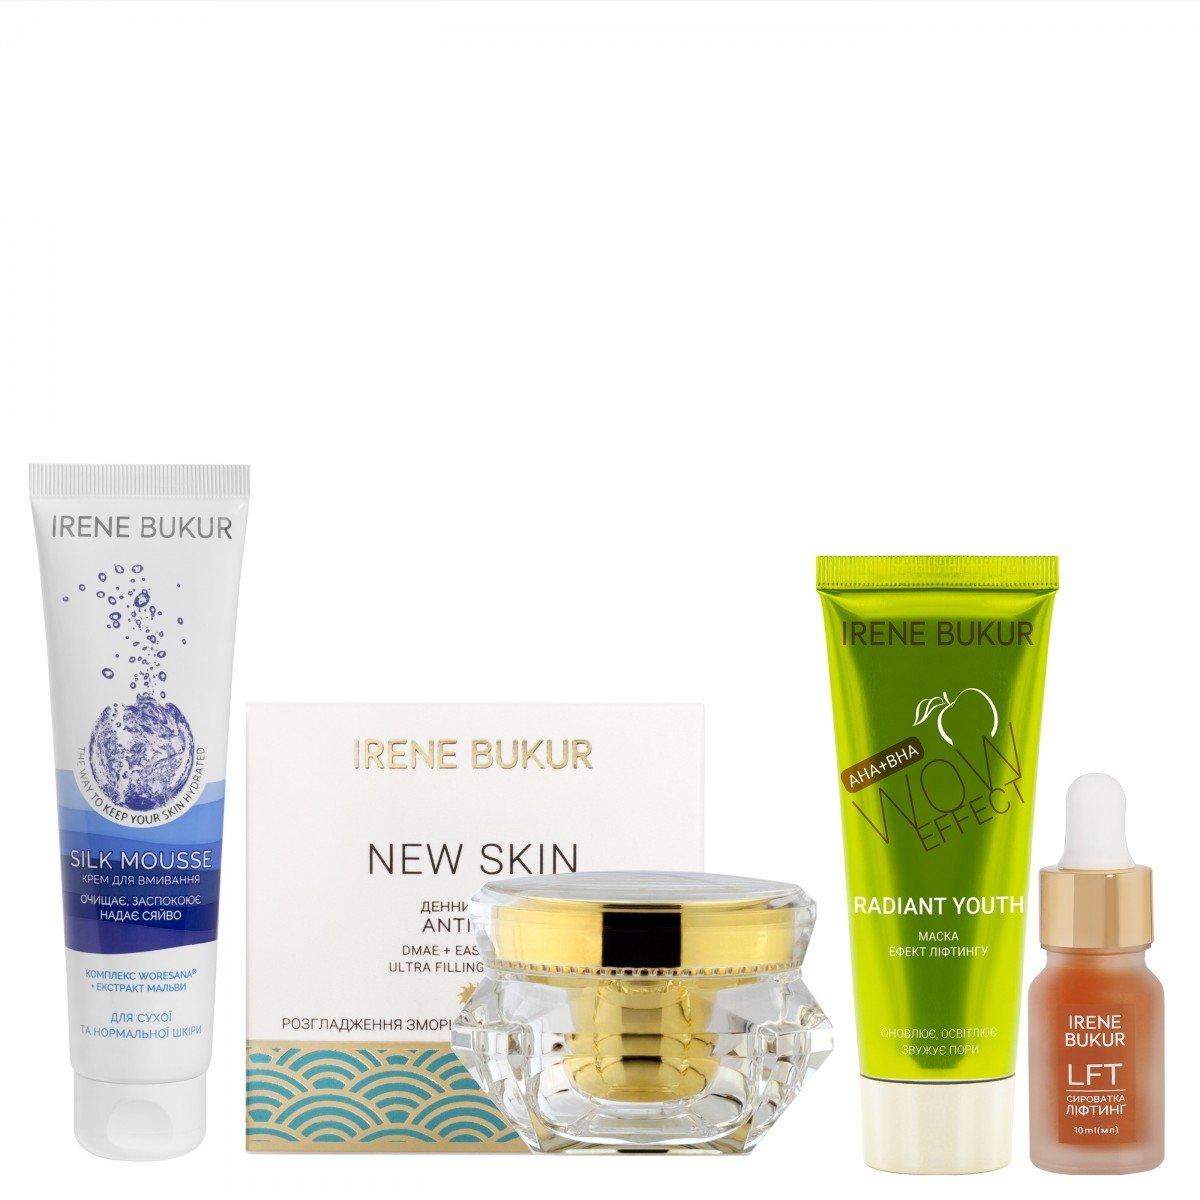 Інтенсивний догляд New Skin (день) з сироваткою Ліфтинг для сухої та чутливої шкіри